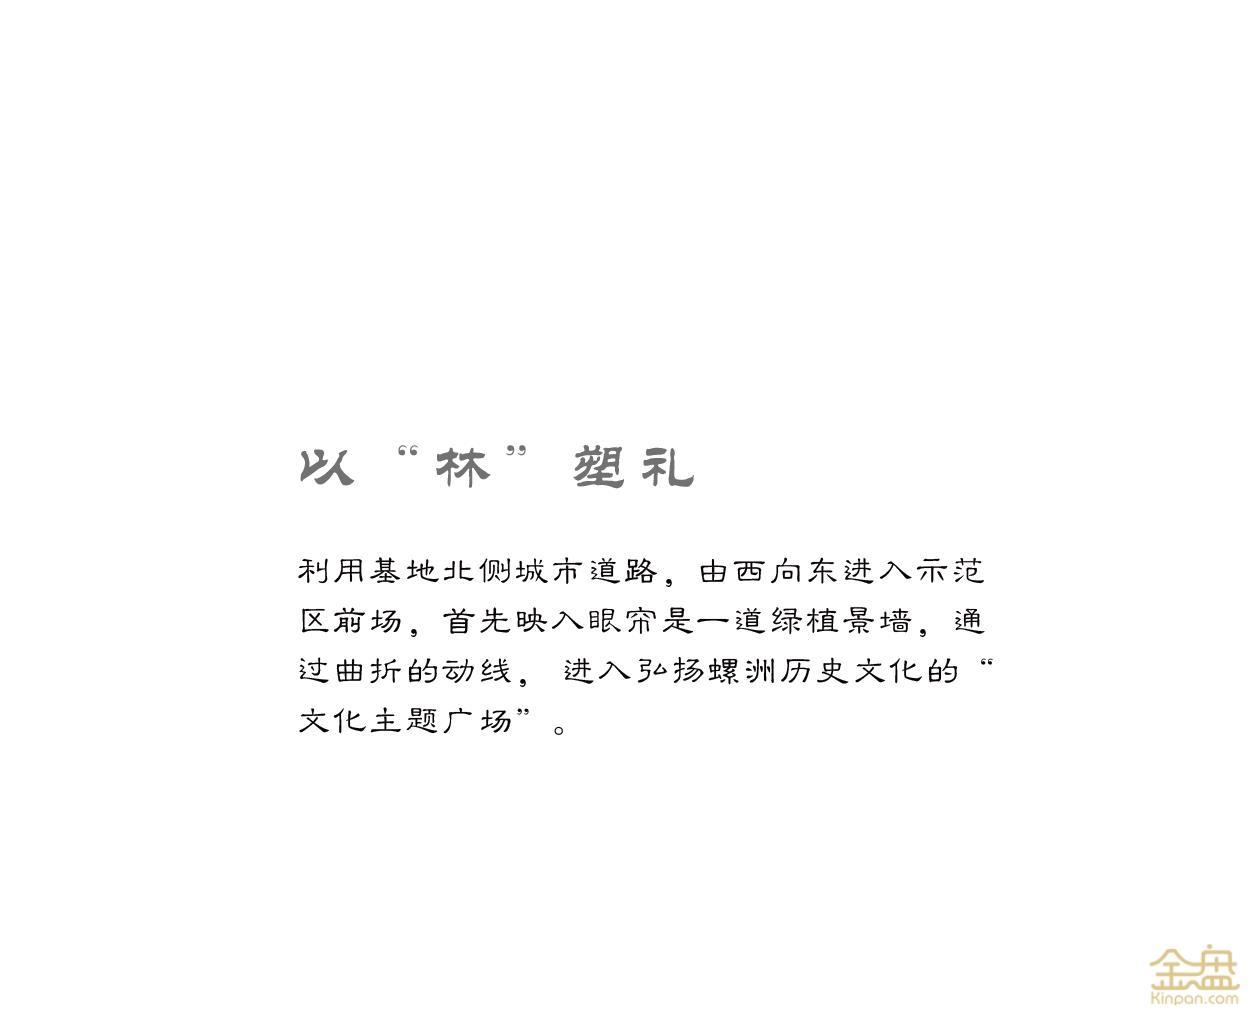 福州国仕府-06.jpg